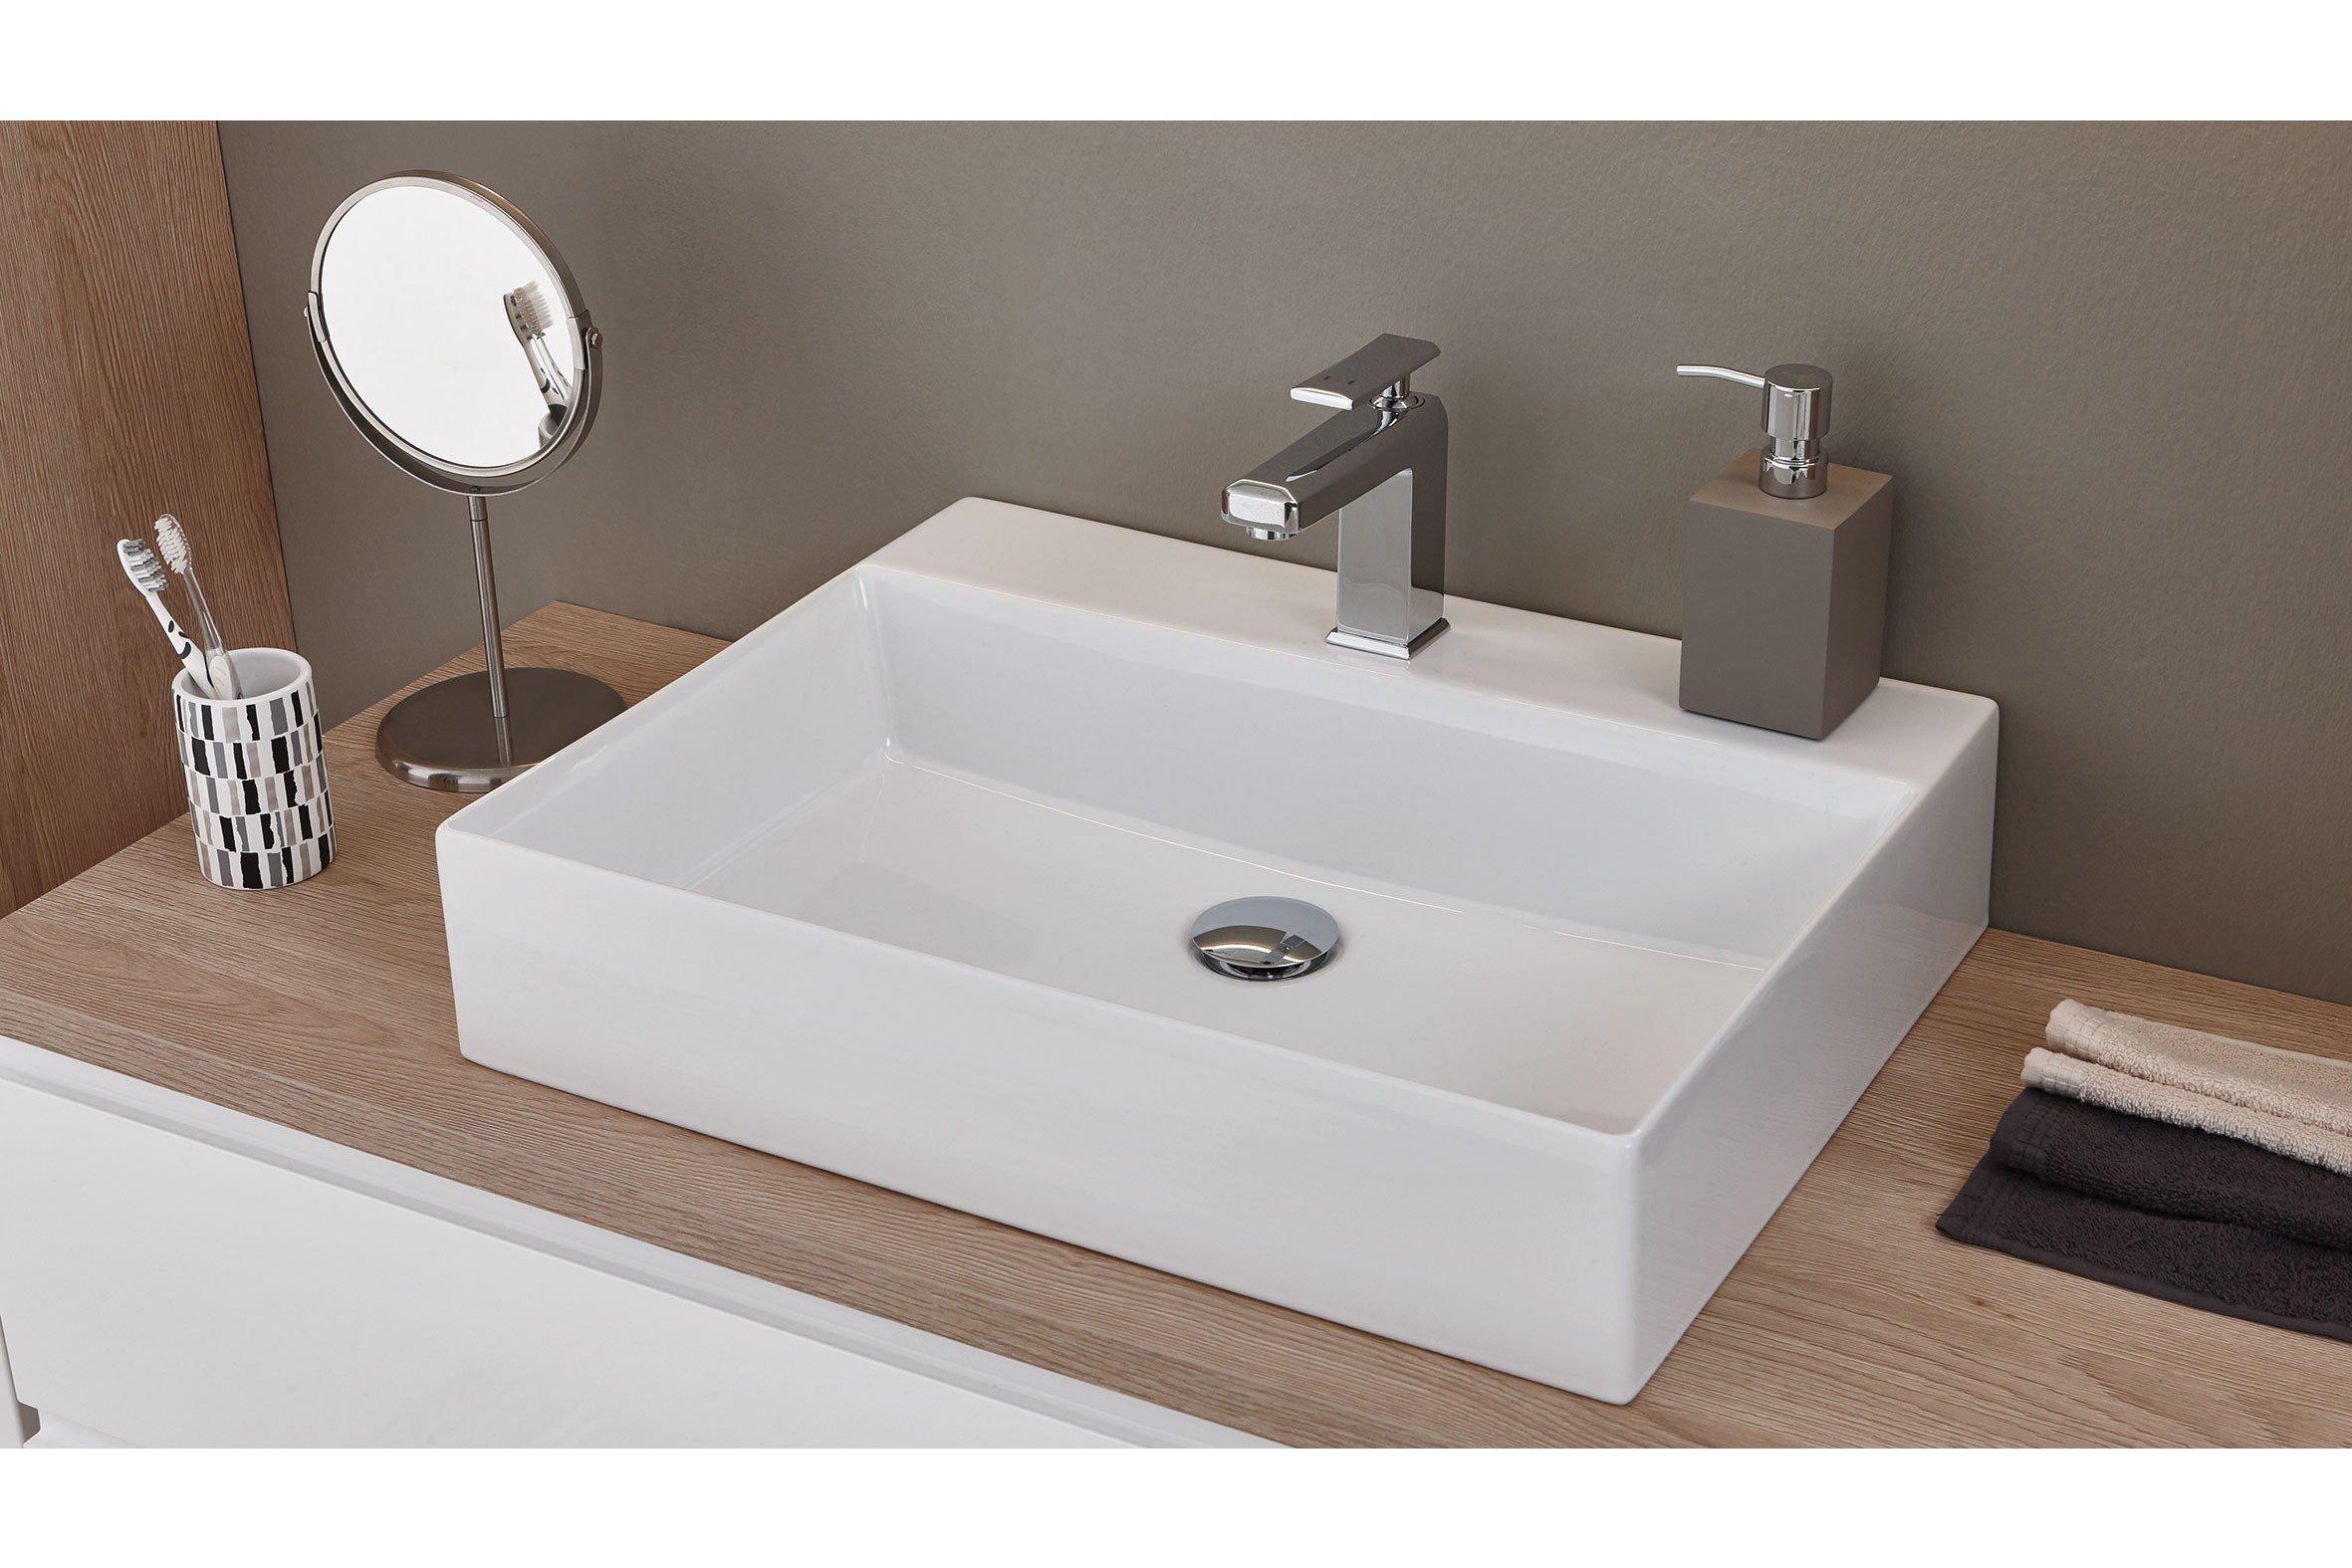 badezimmer variado 2.0 eiche weiß/ eiche von puris   möbel letz, Badezimmer ideen